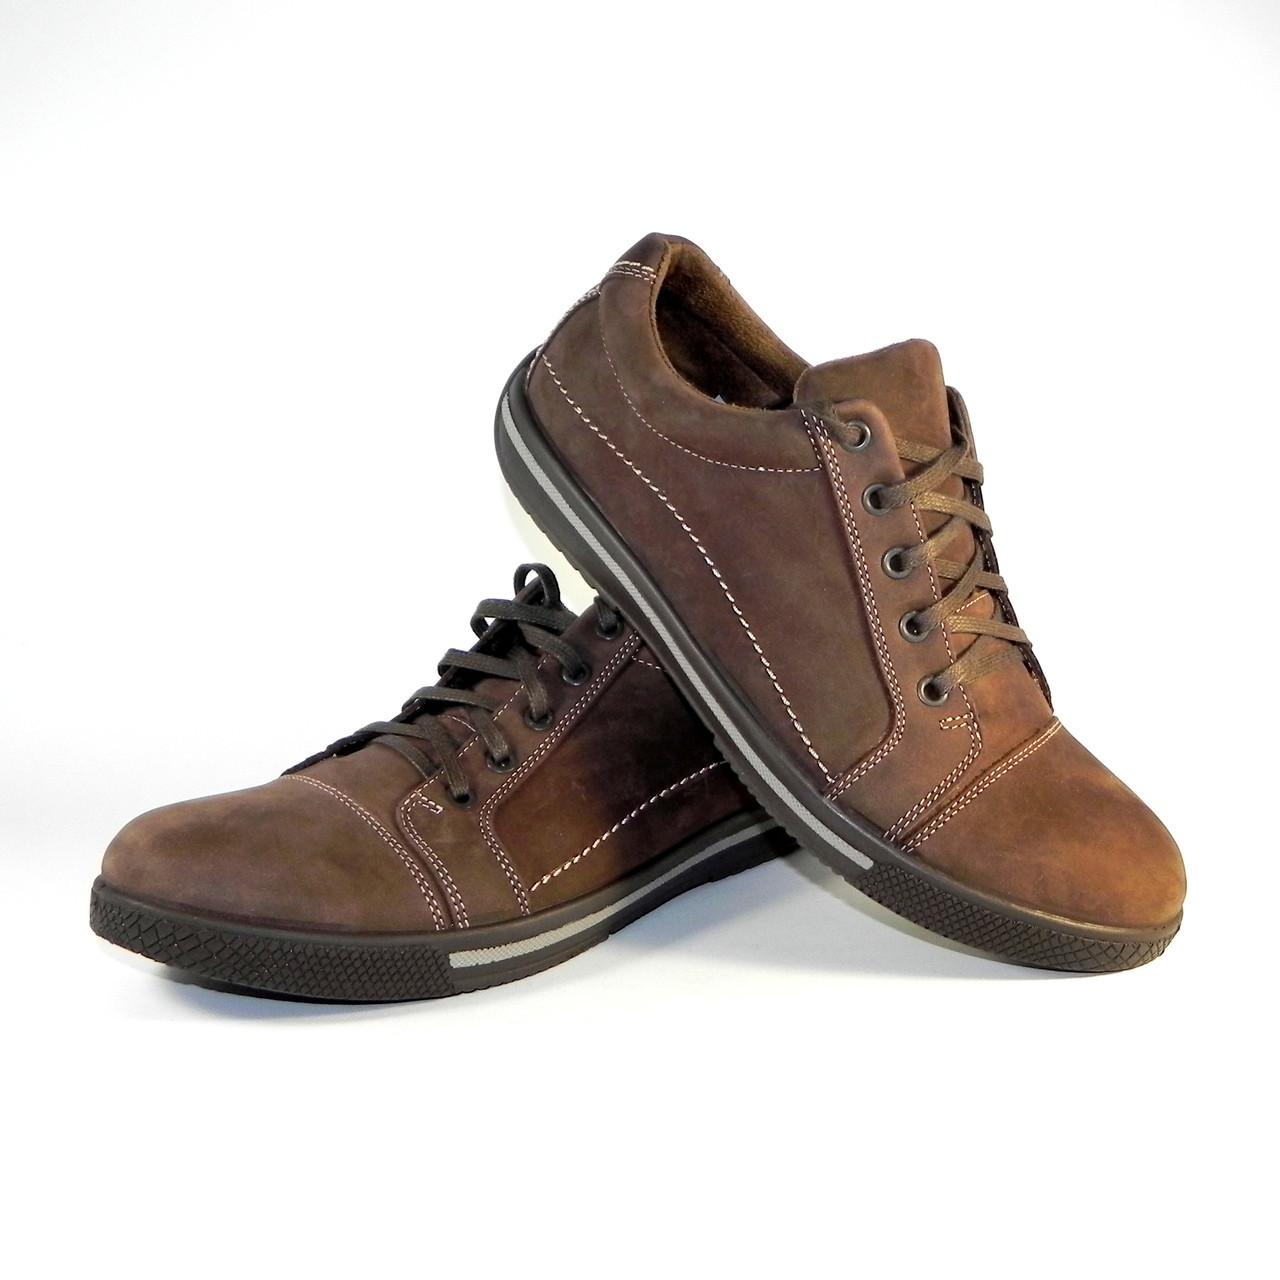 e98add3b3 Кроссовки мужские кожаные Tigina Waterproof коричневые (весна/осень) -  интернет-магазин